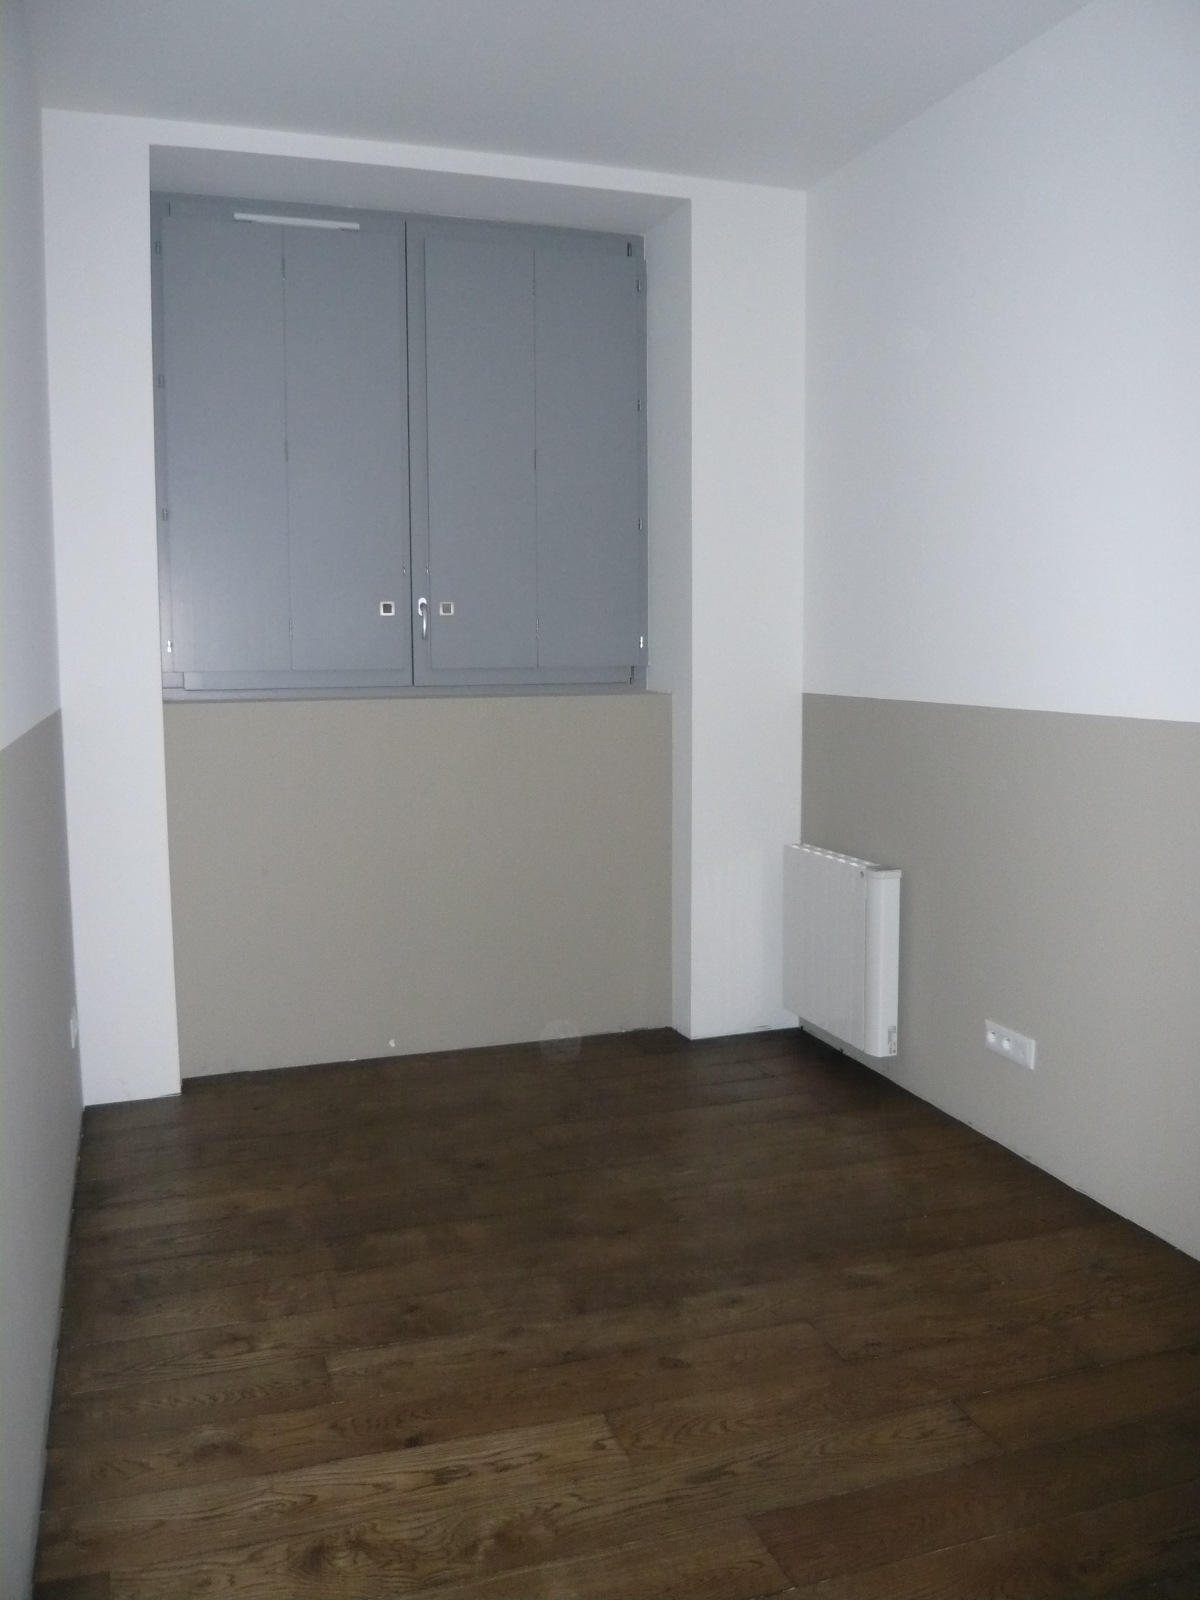 am nagement appartement croix rousse en rez de chauss e fabien perret architecte lyon. Black Bedroom Furniture Sets. Home Design Ideas